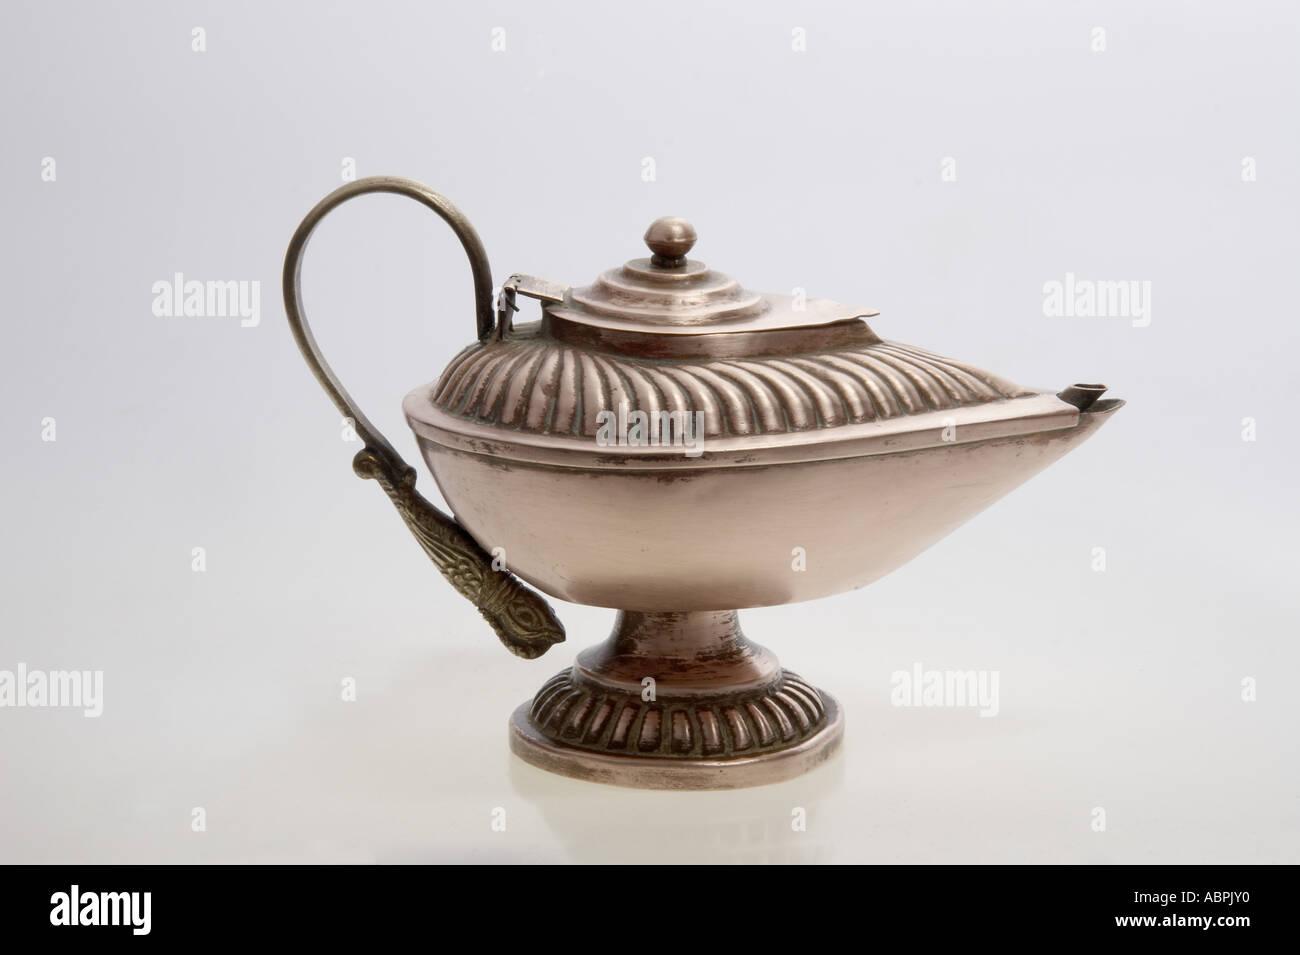 AAD78985 rame olio lampada magic Genie in una bottiglia tre desideri Immagini Stock